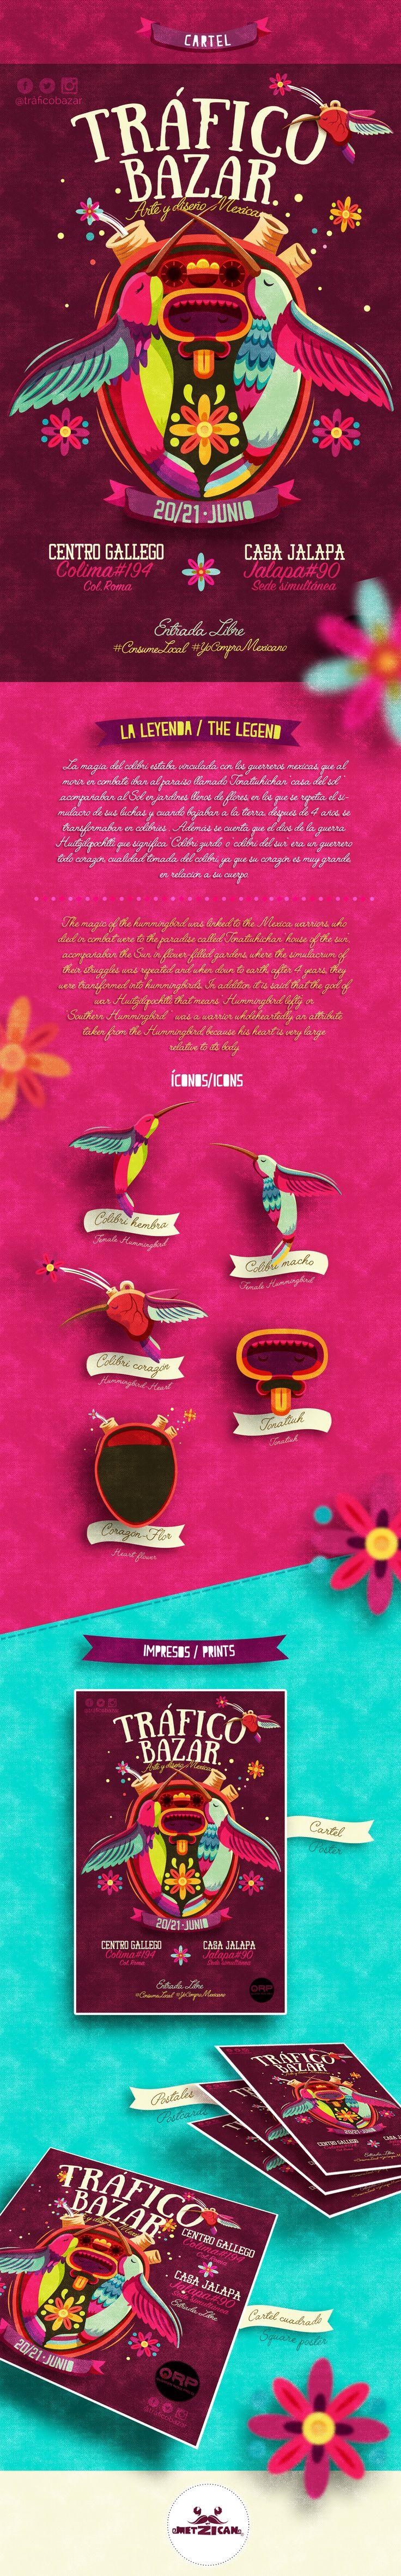 Cartel realizado para Tráfico Bazar, basado en Leyenda Maya acerca de los Colibríes, y adaptando en el contexto algunas características del Dios Huitzilopochtli.